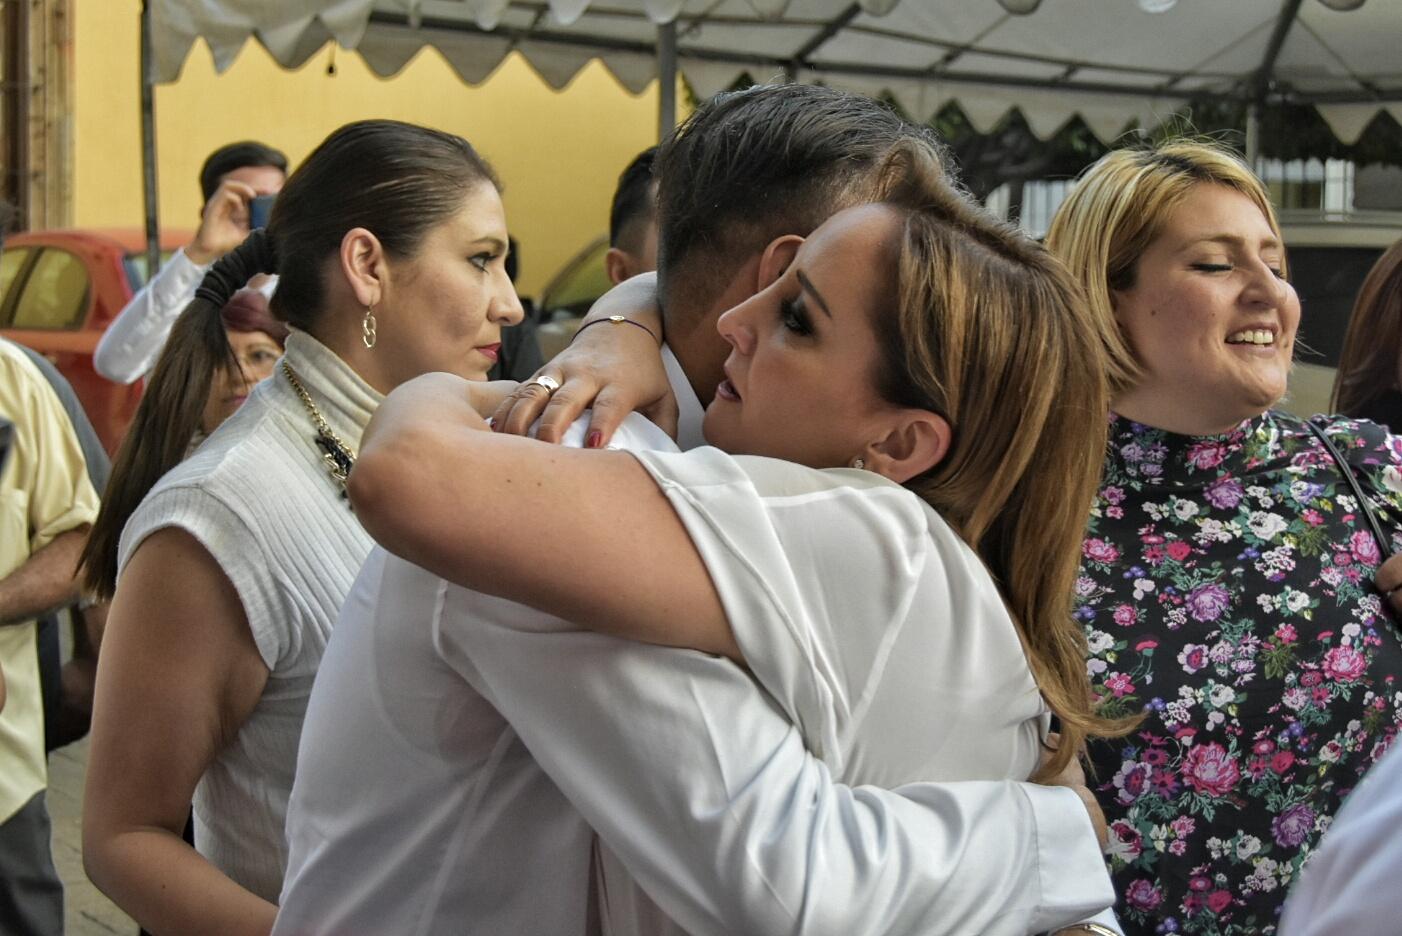 La Canciller Claudia Ruiz Massieu se reúne con familiares y sobrevivientes del grave incidente de Egipto